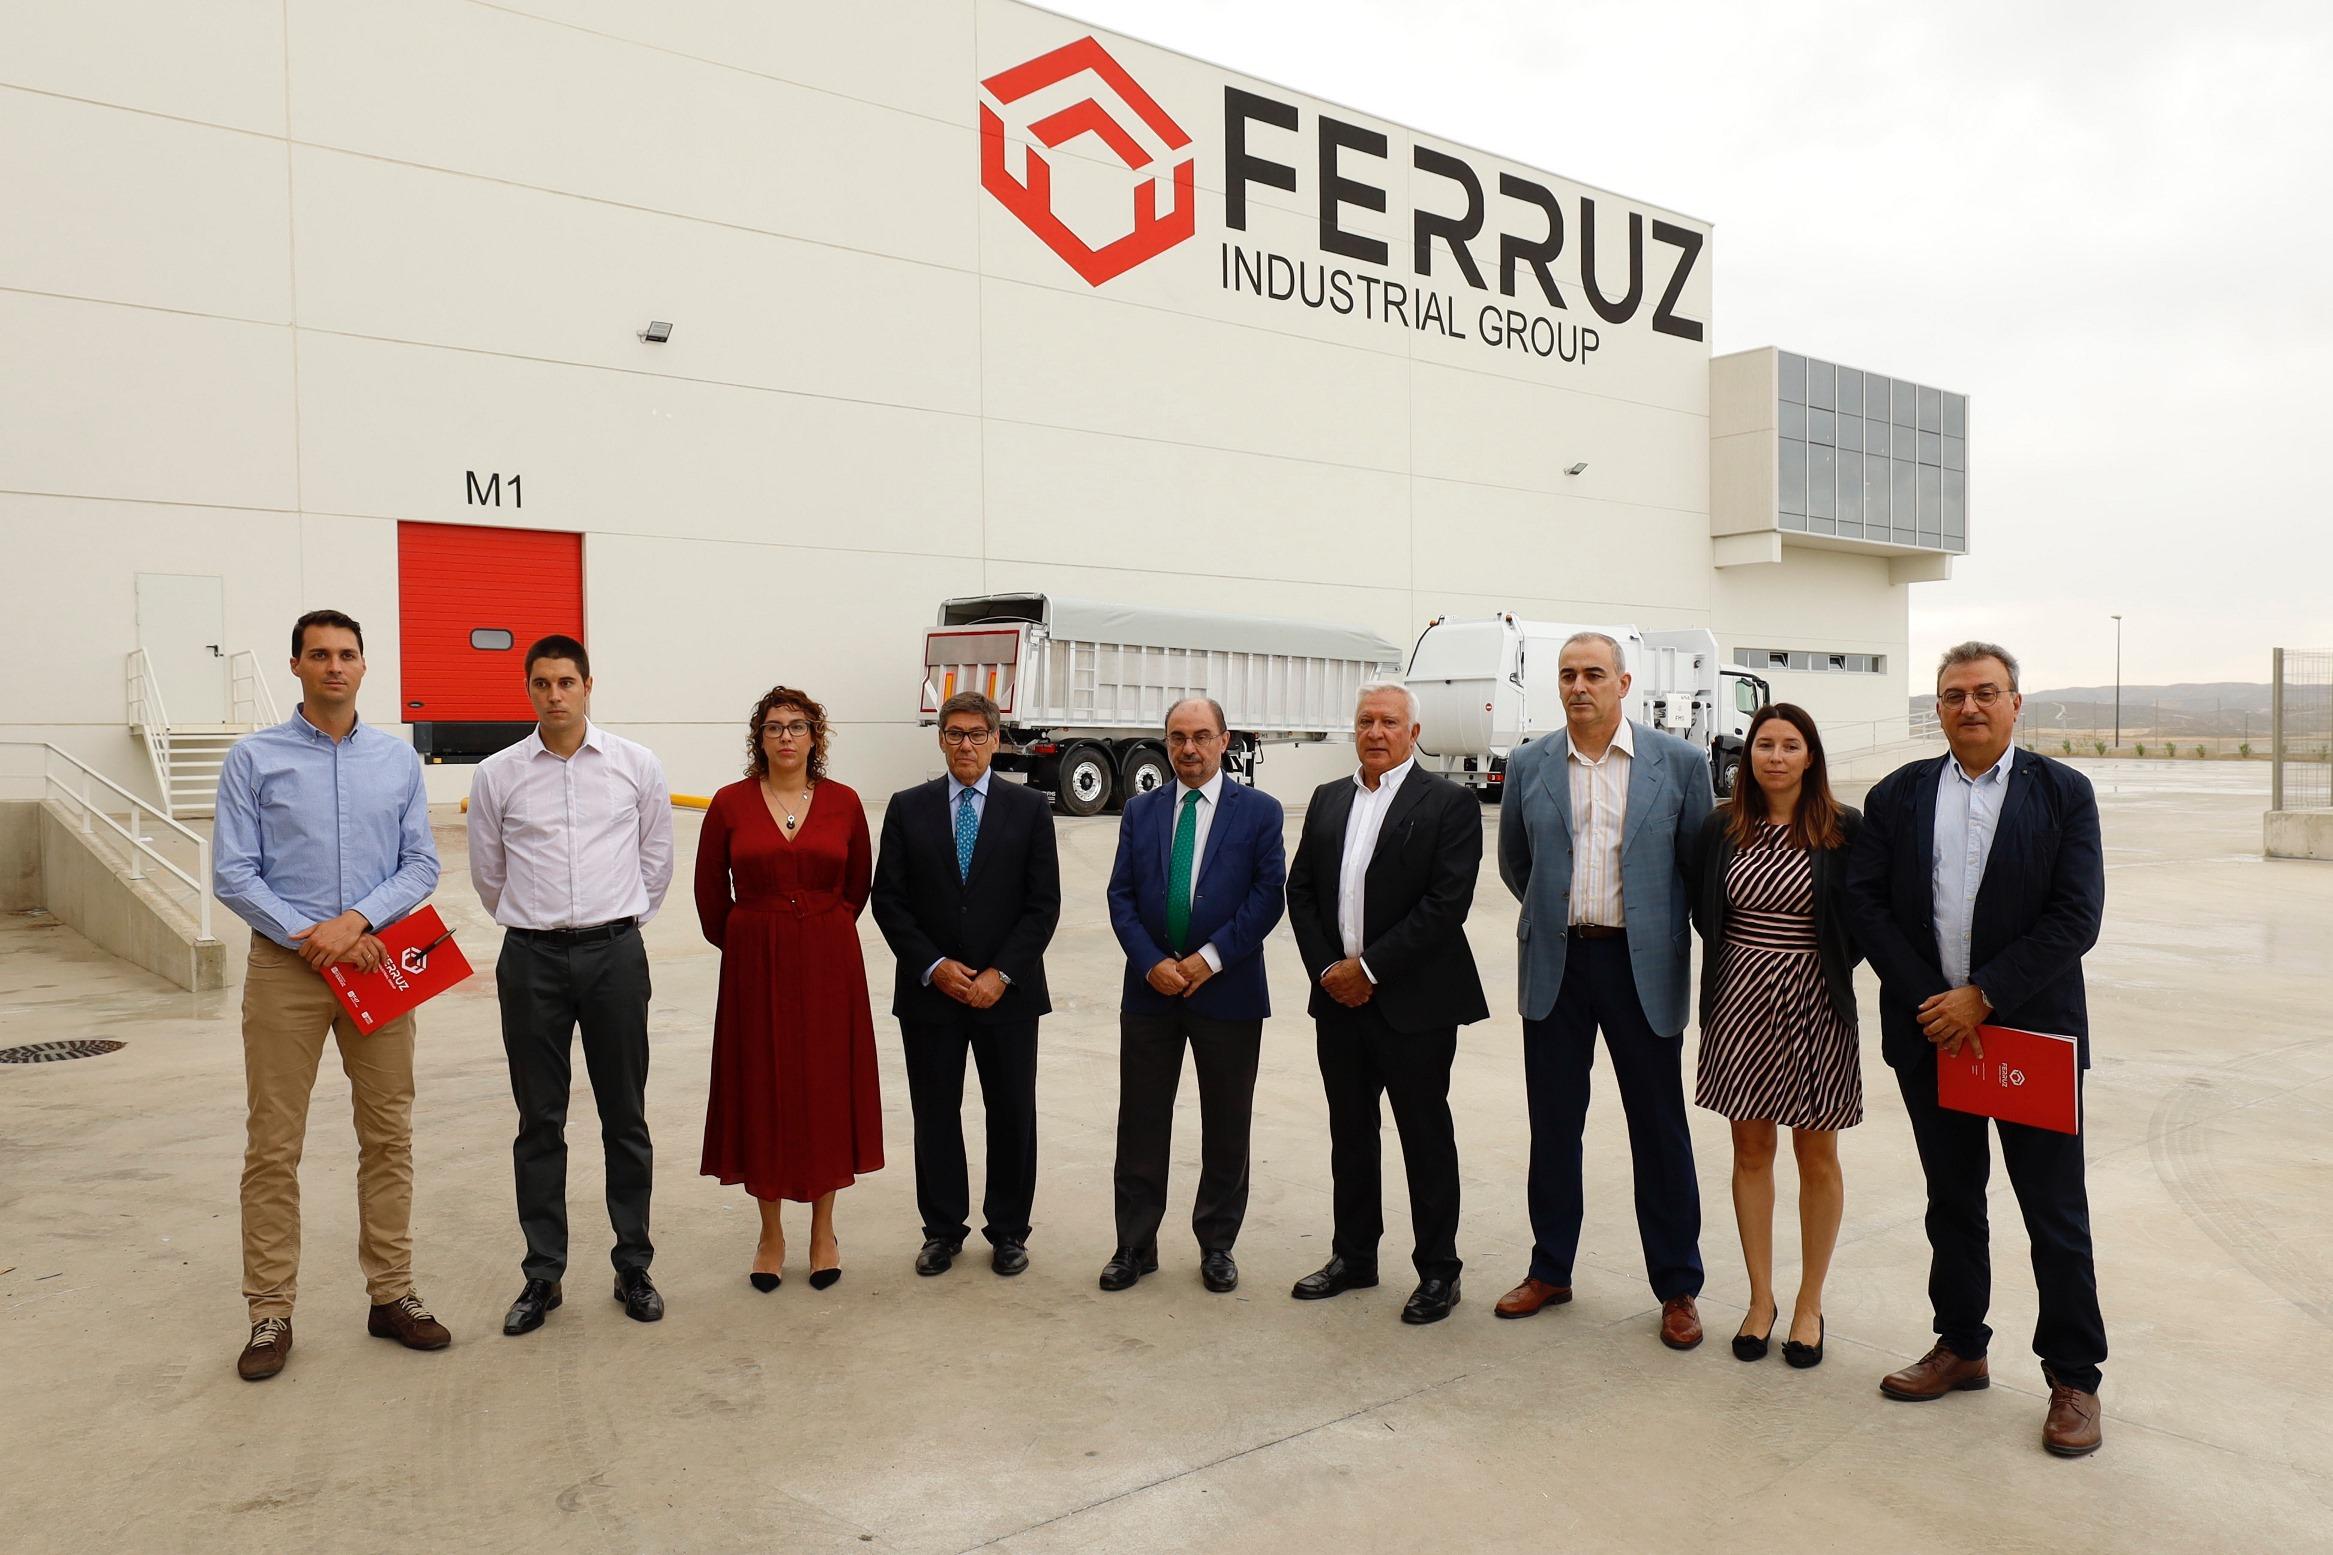 Visita Gobierno Aragon Ferruz PTR 2